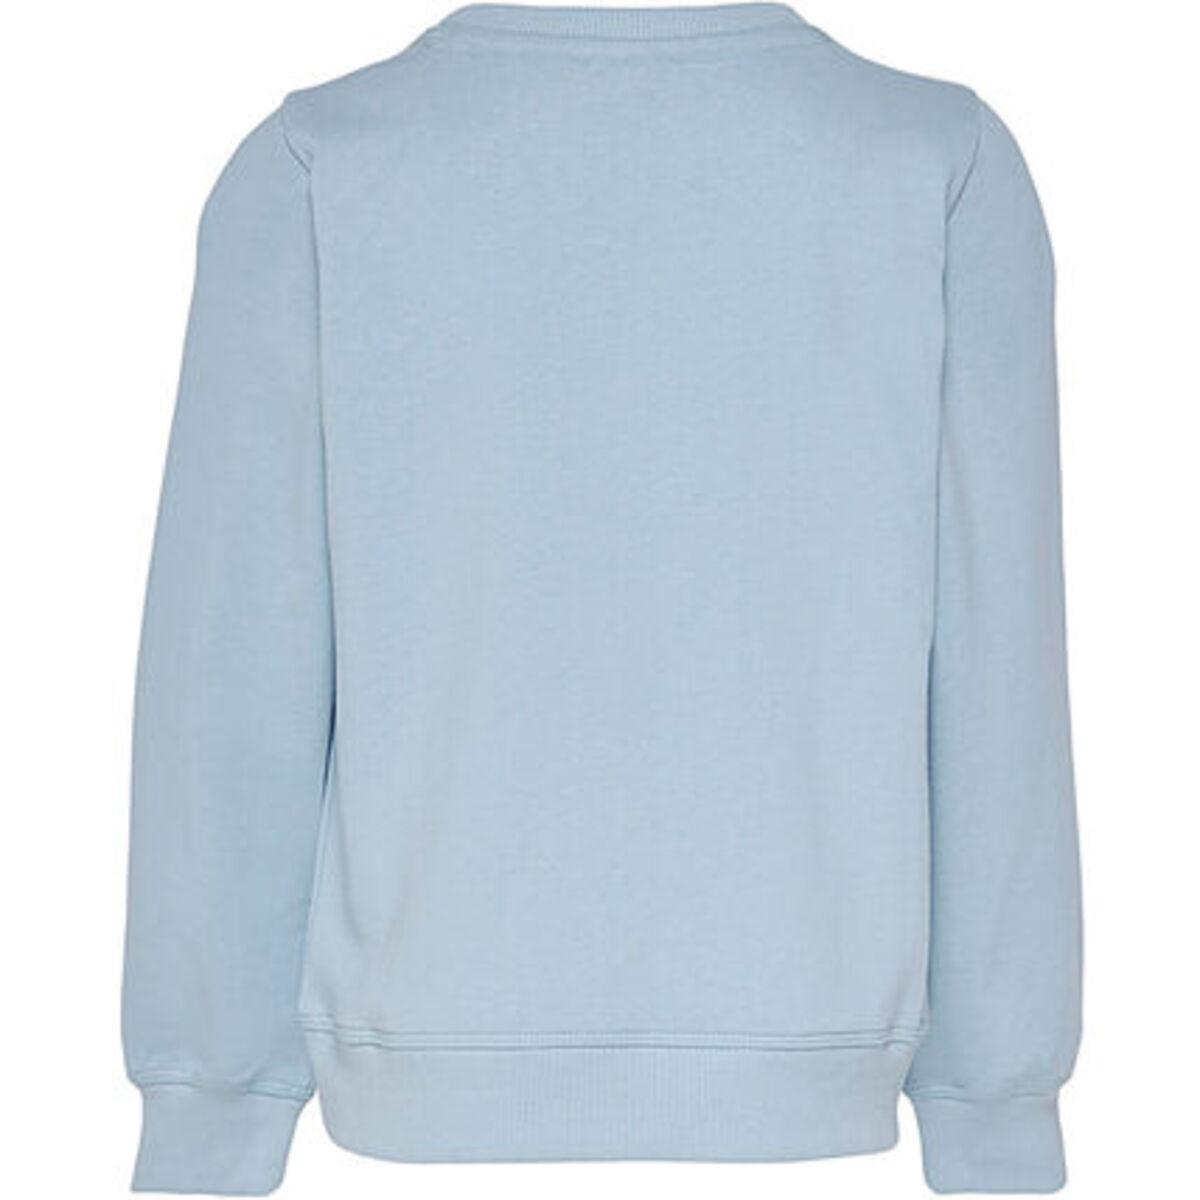 Bild 2 von Only Sweatshirt, Fotoprint, für Mädchen